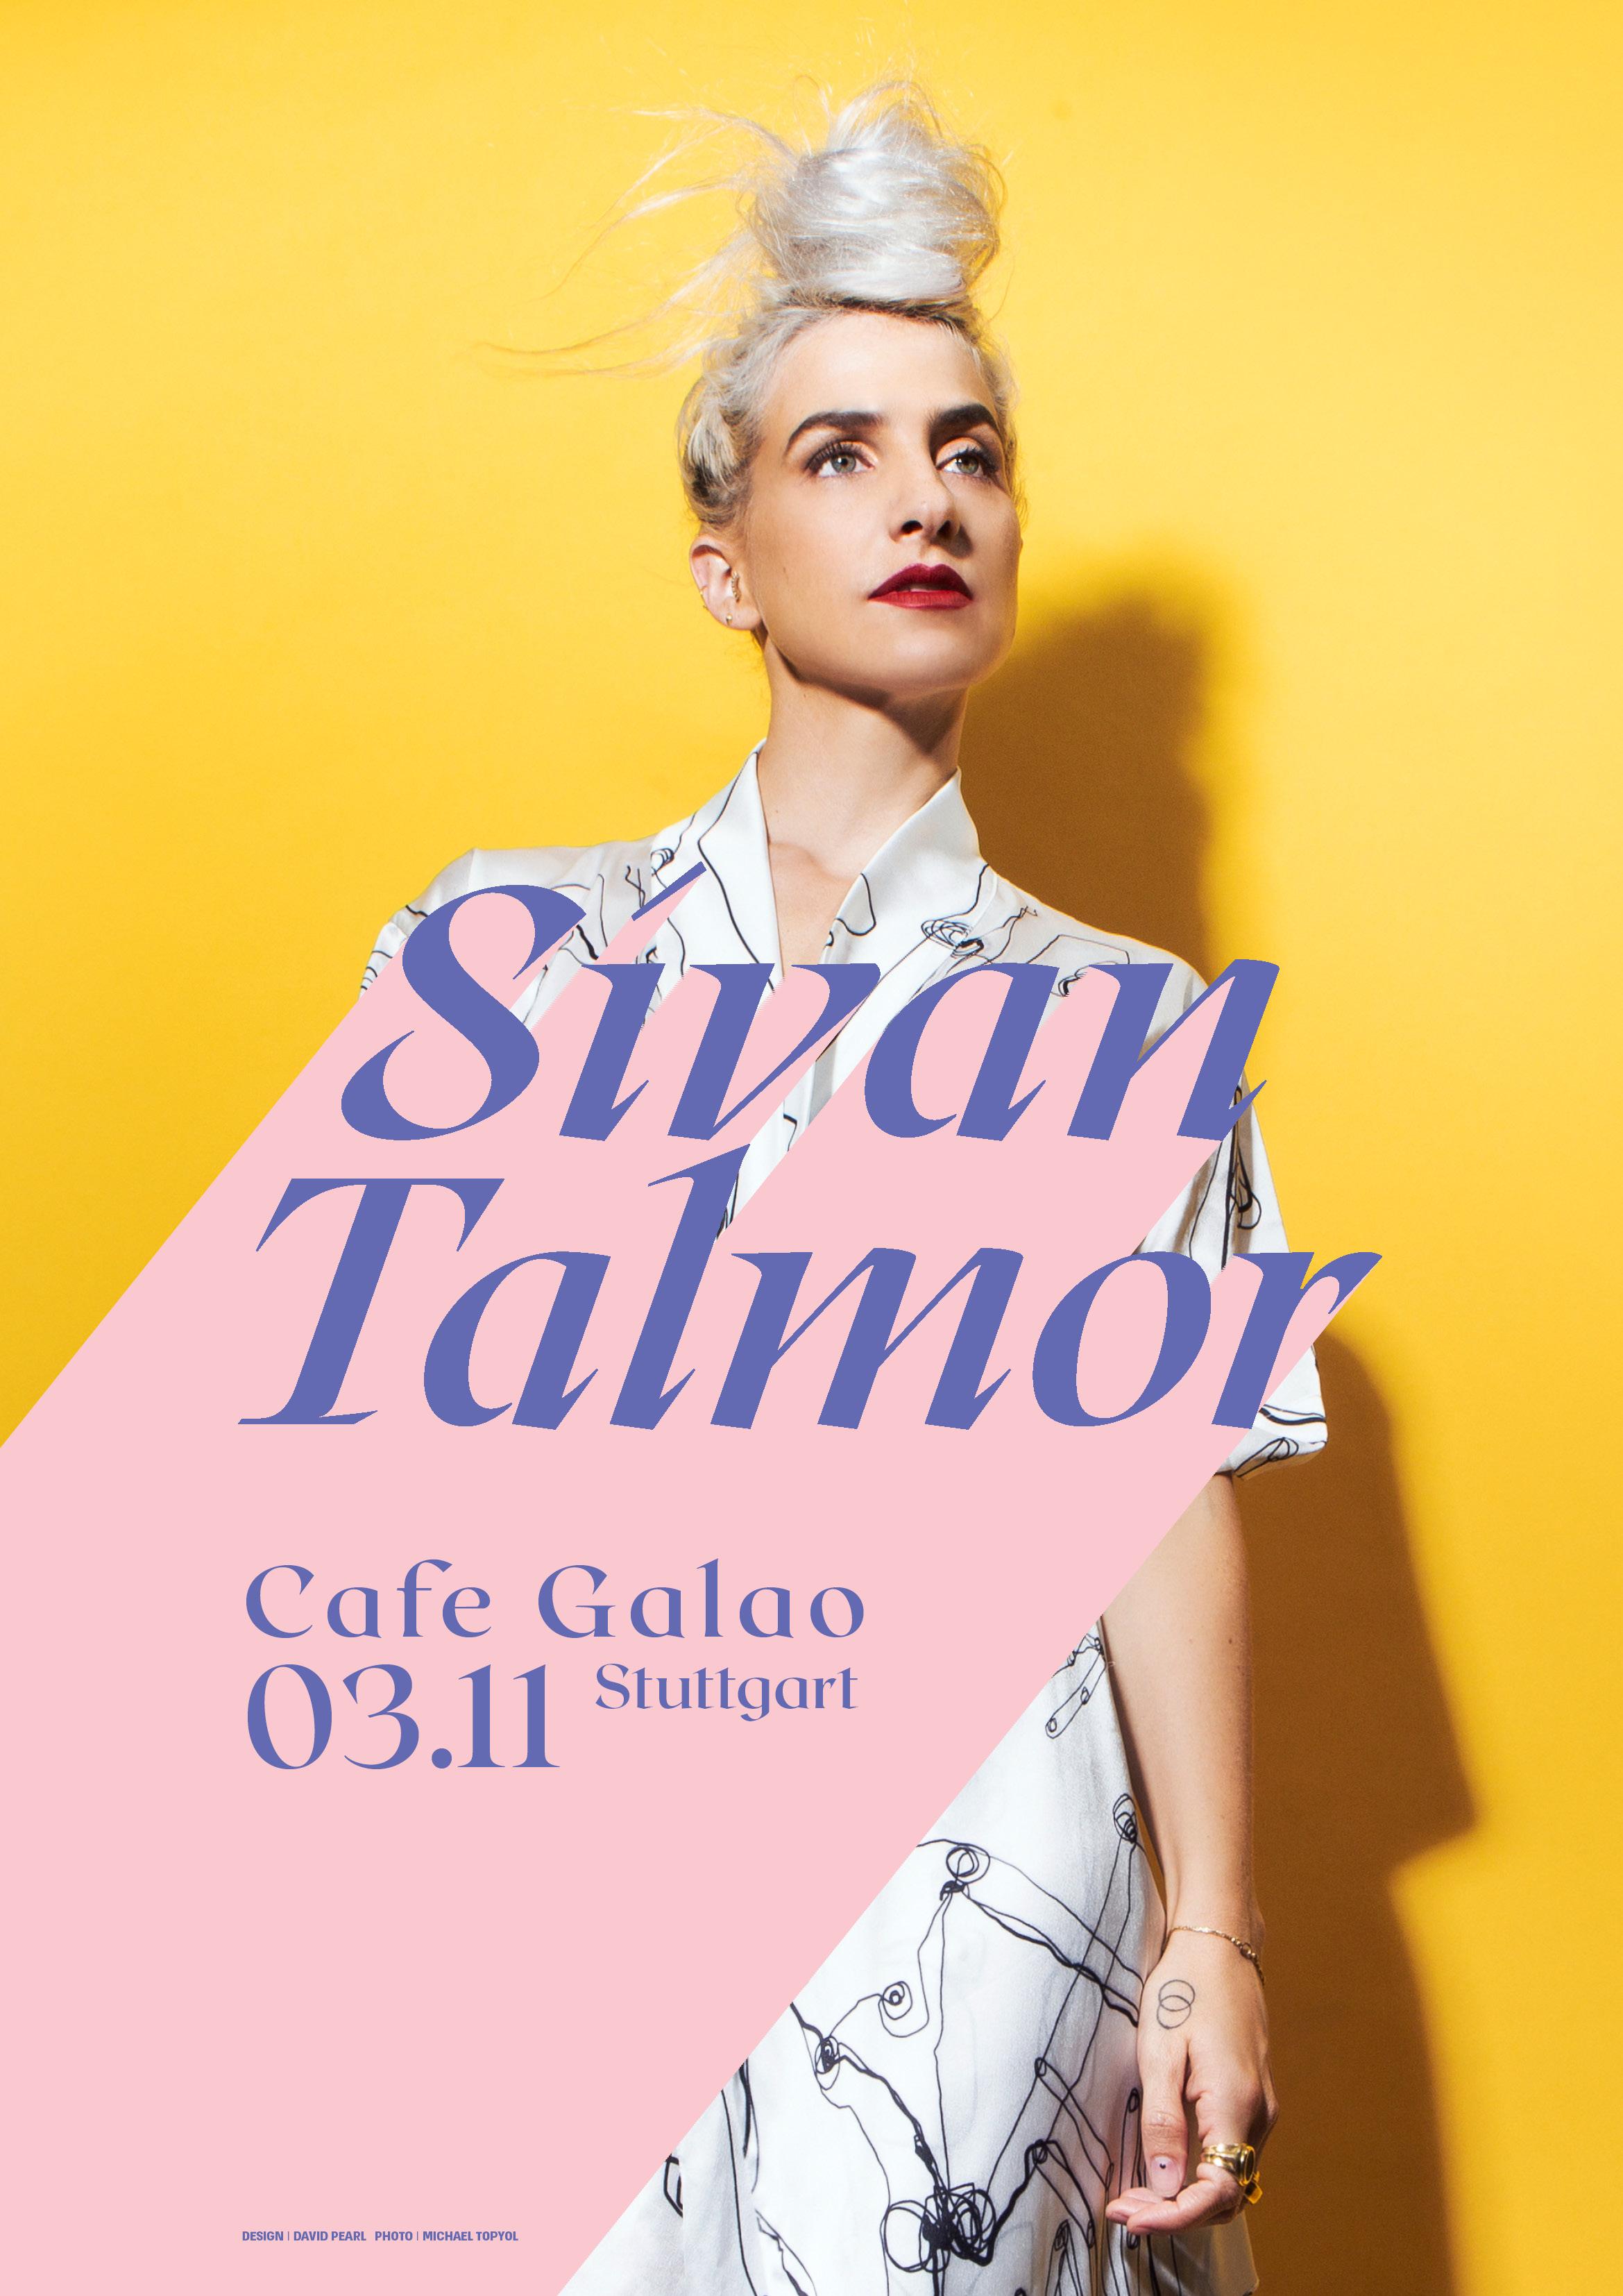 Sivan Poster 03.11